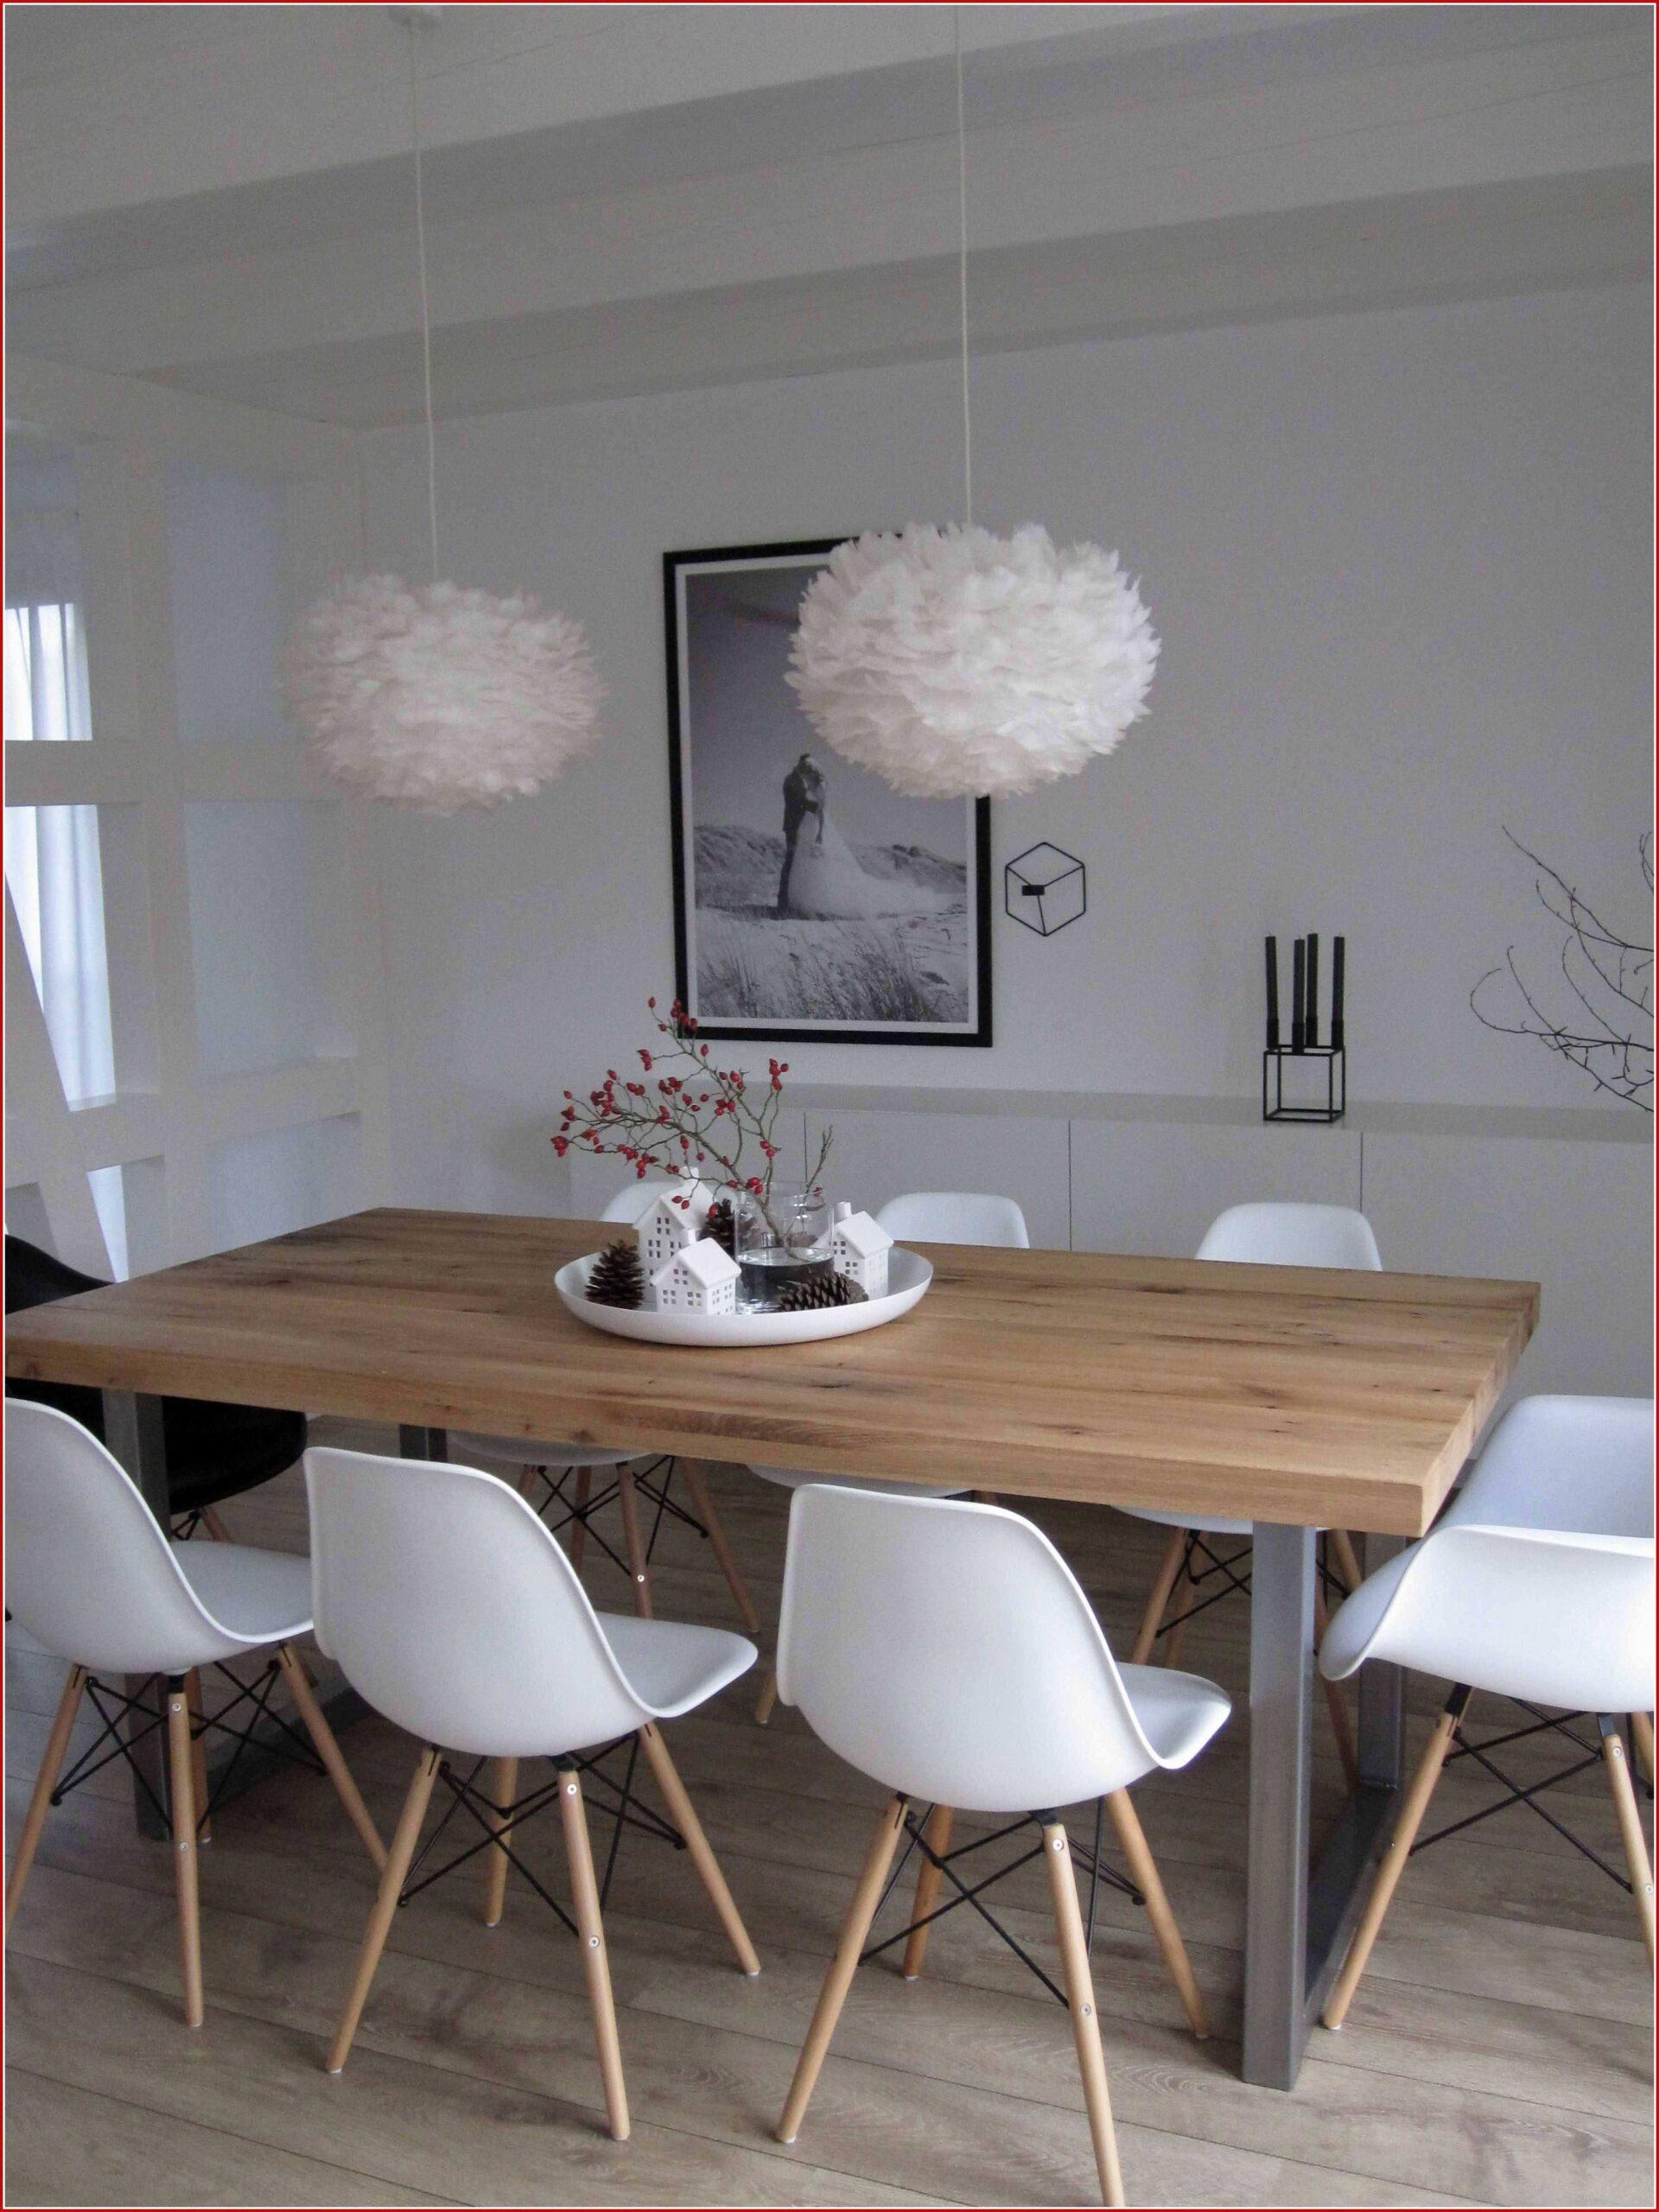 Full Size of Moderne Hängelampen Duschen Landhausküche Bilder Fürs Wohnzimmer Modernes Sofa Deckenleuchte Bett 180x200 Esstische Wohnzimmer Moderne Hängelampen